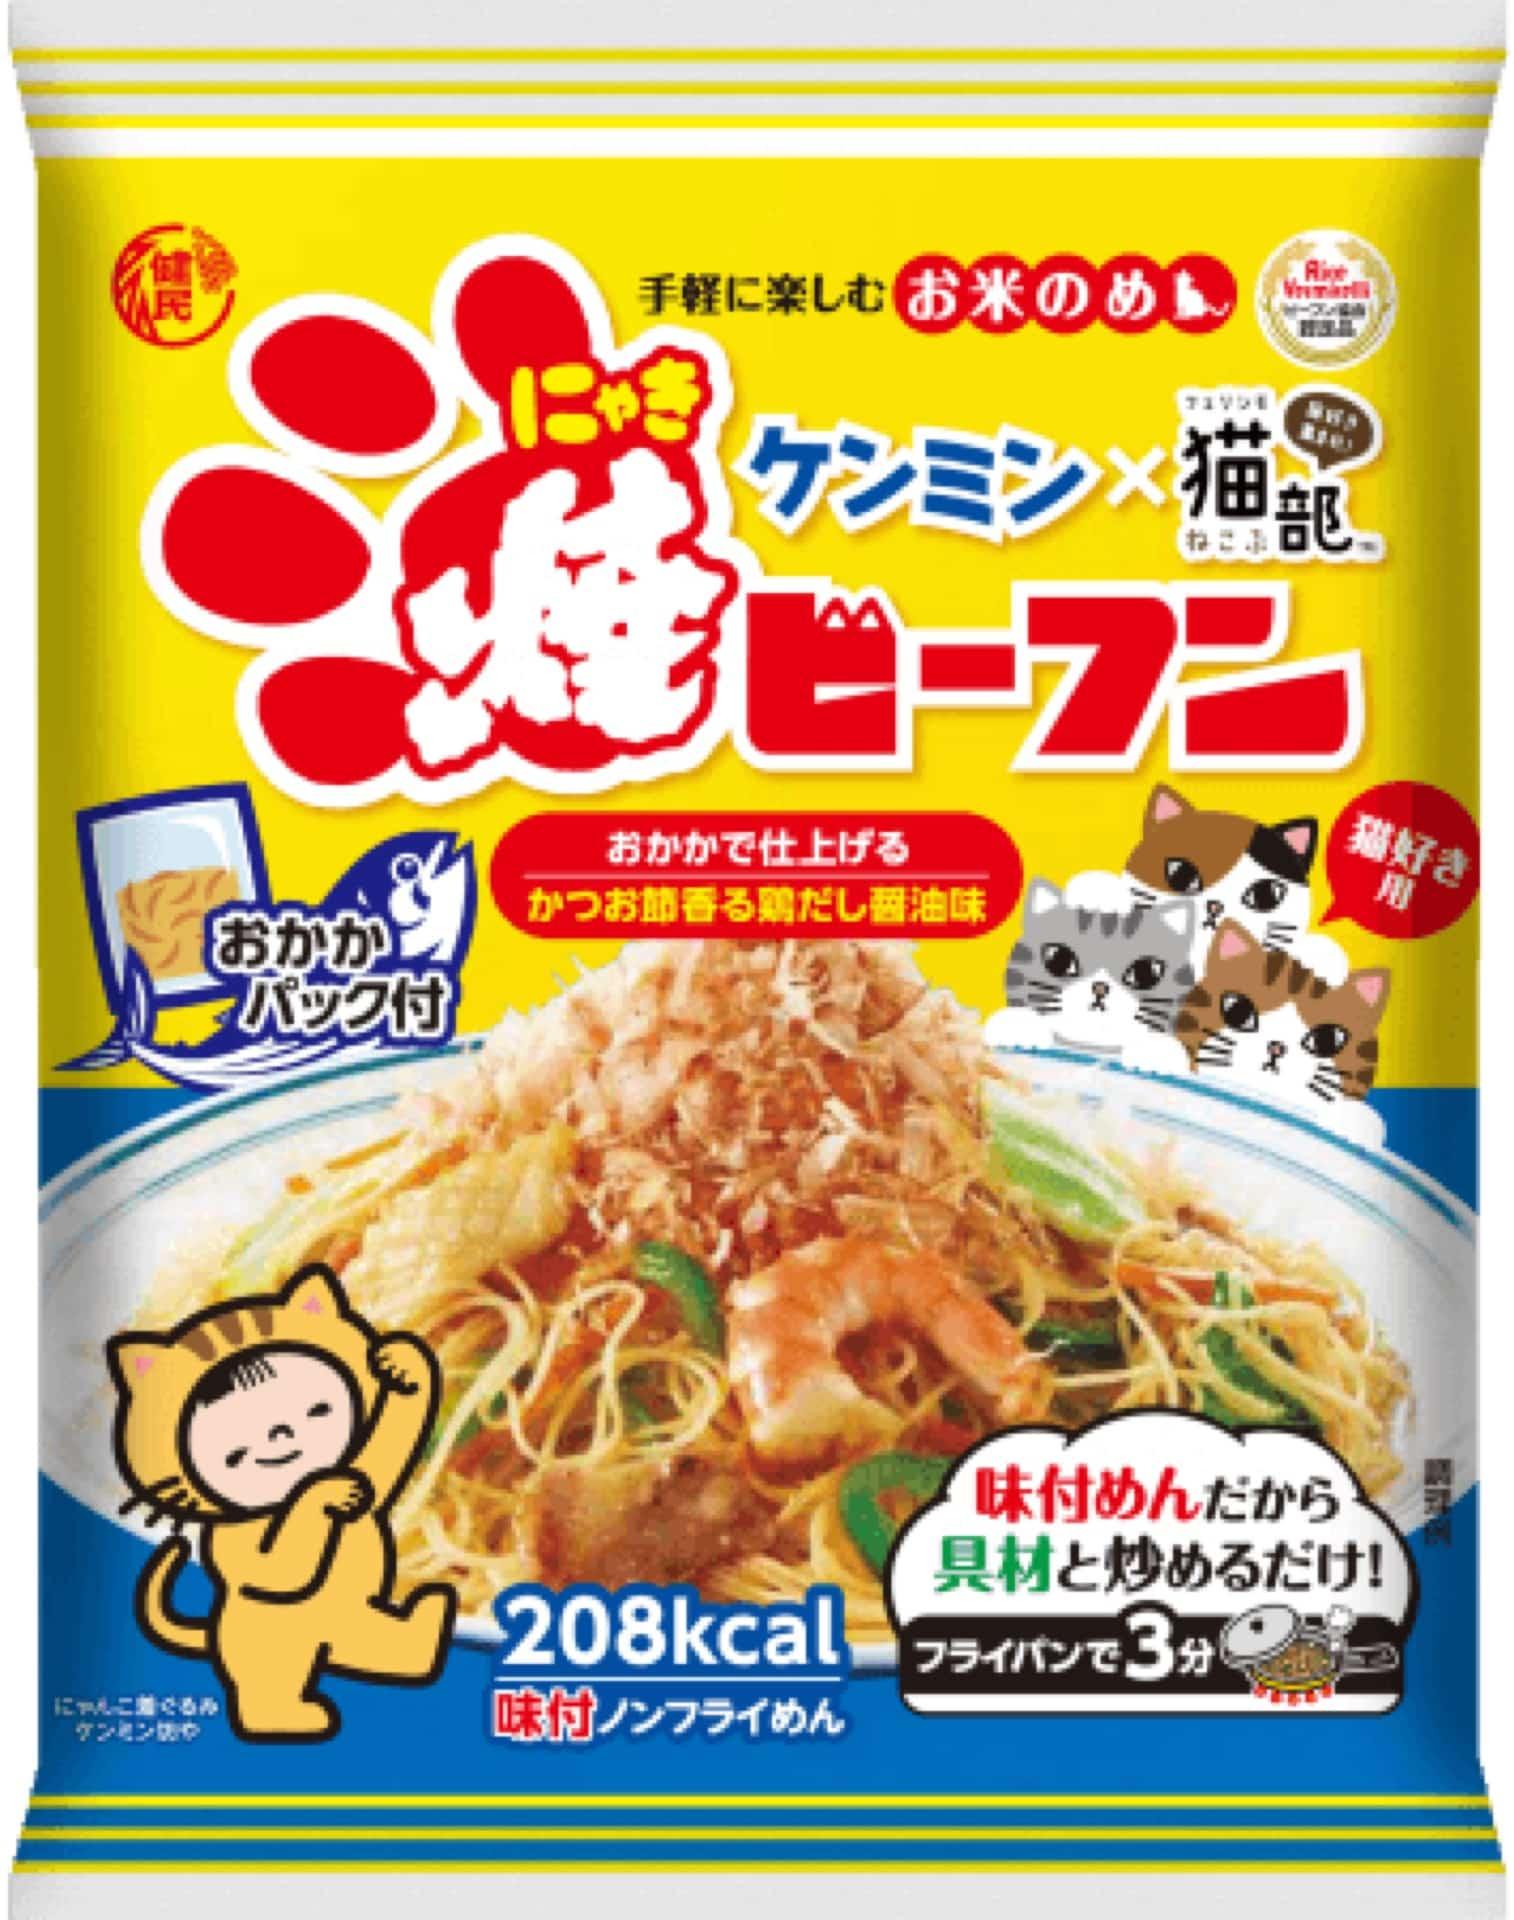 """8月18日、三宮で「ケンミンの焼ビーフン」無料配布!フェリシモ猫部とコラボの""""にゃきビーフン"""""""